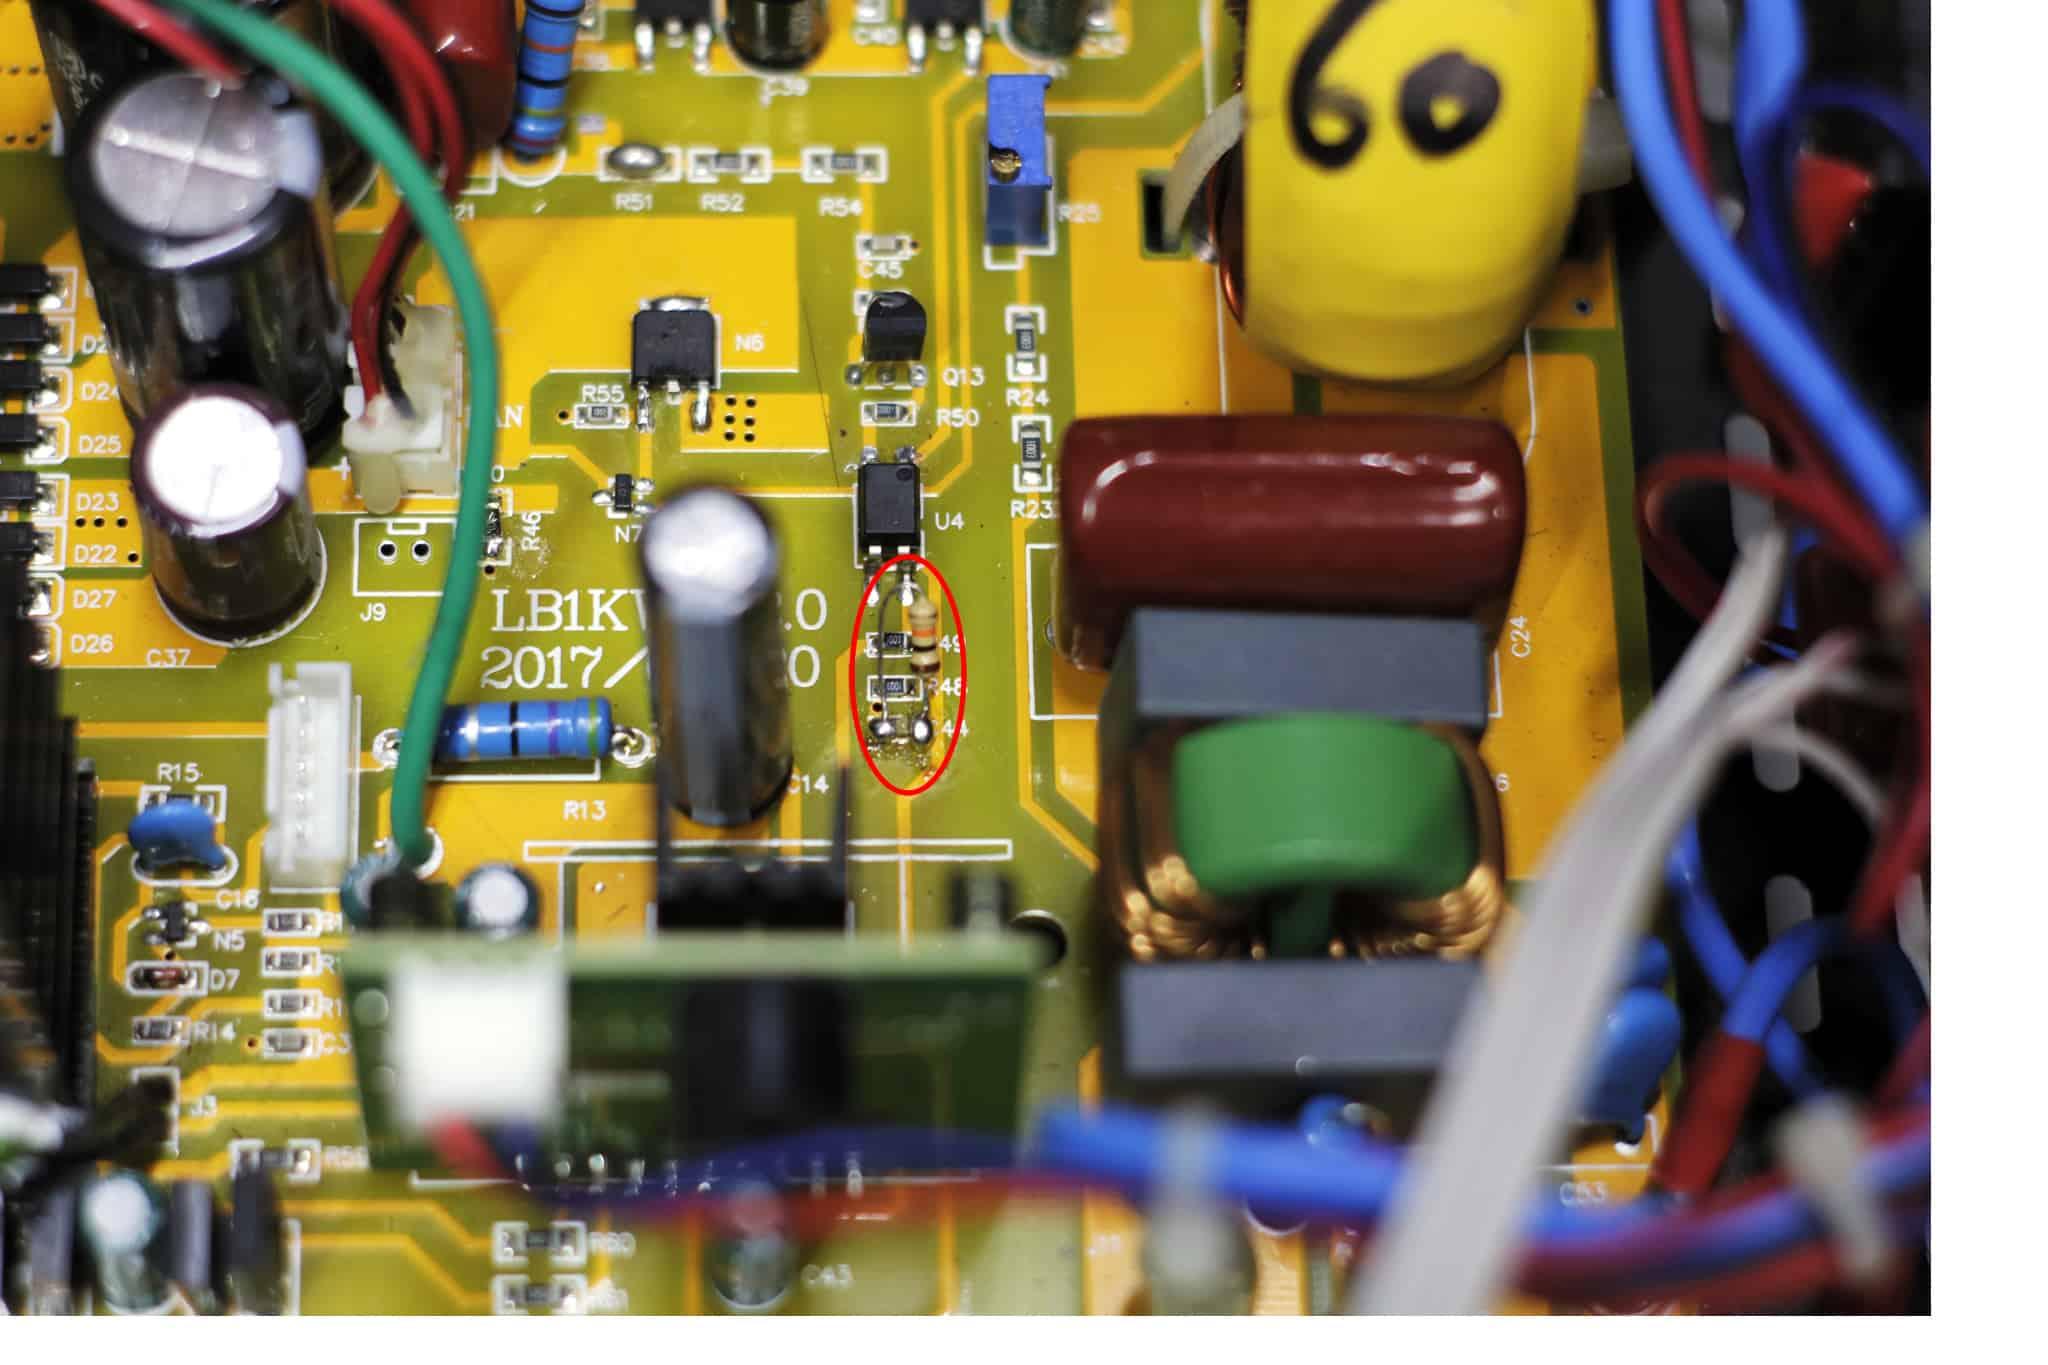 Resistor Soldado no C44 do Inversor Reliable